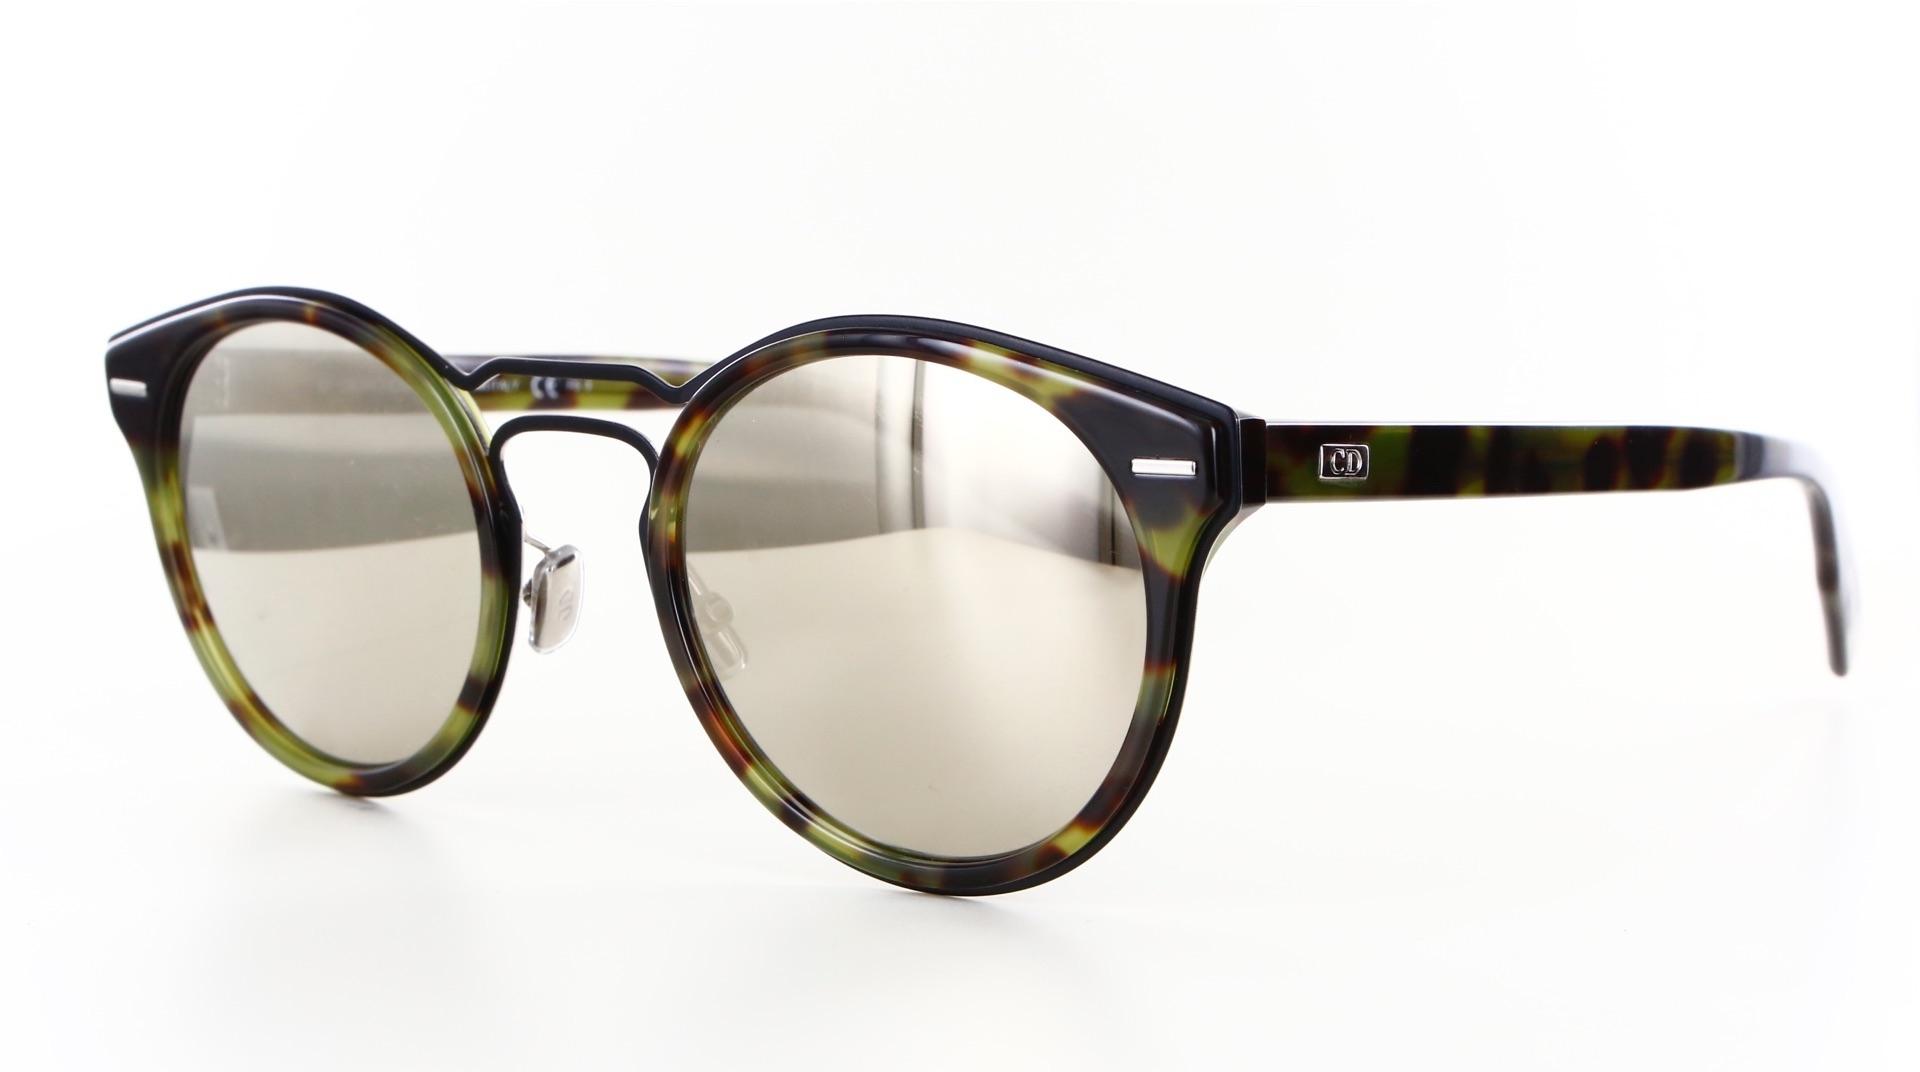 d0187d55e081 Dior zonnebrillen - ref  76930